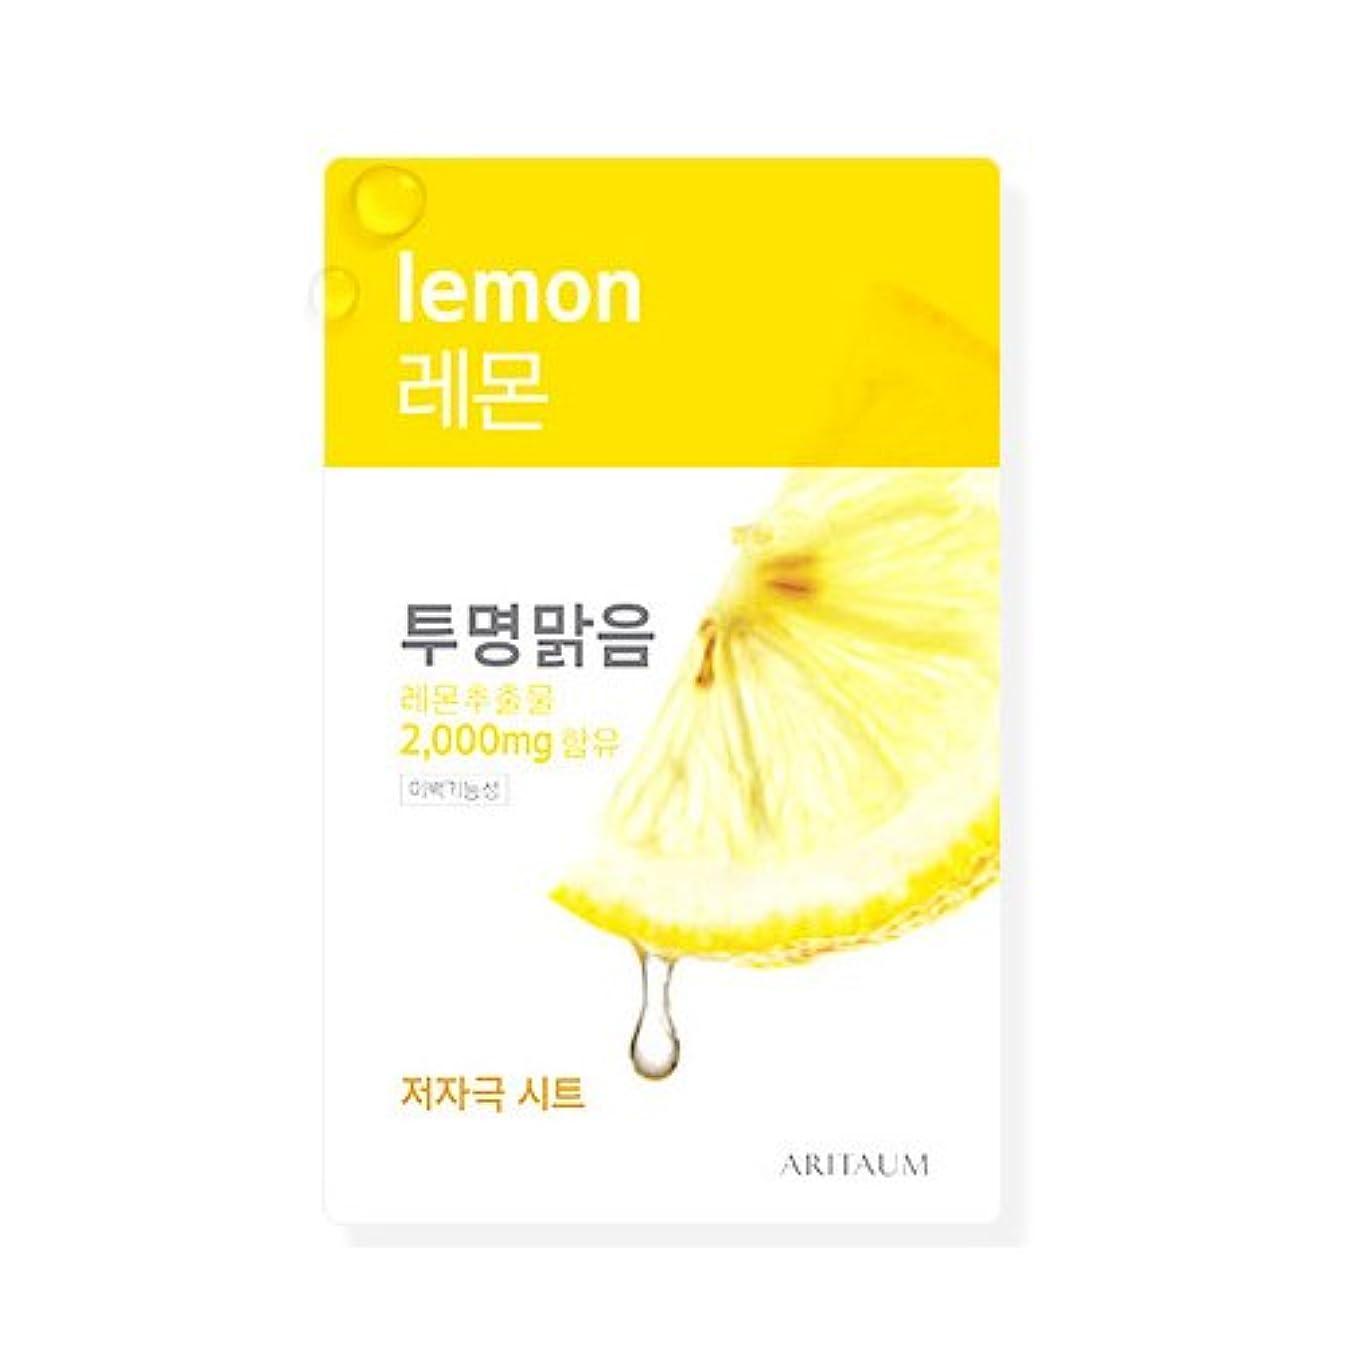 Aritaum(アリタウム)フレッシュ エッセンス マスク(1回分×10枚セット)種類:レモン